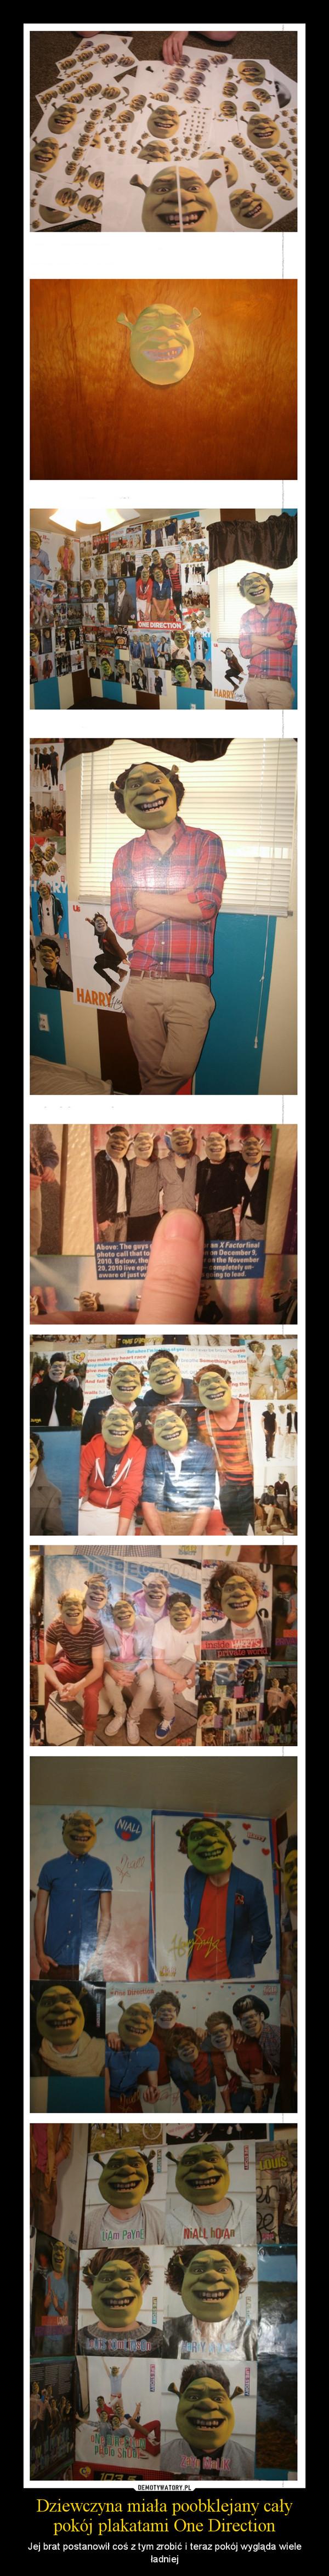 Dziewczyna miała poobklejany cały pokój plakatami One Direction – Jej brat postanowił coś z tym zrobić i teraz pokój wygląda wiele ładniej